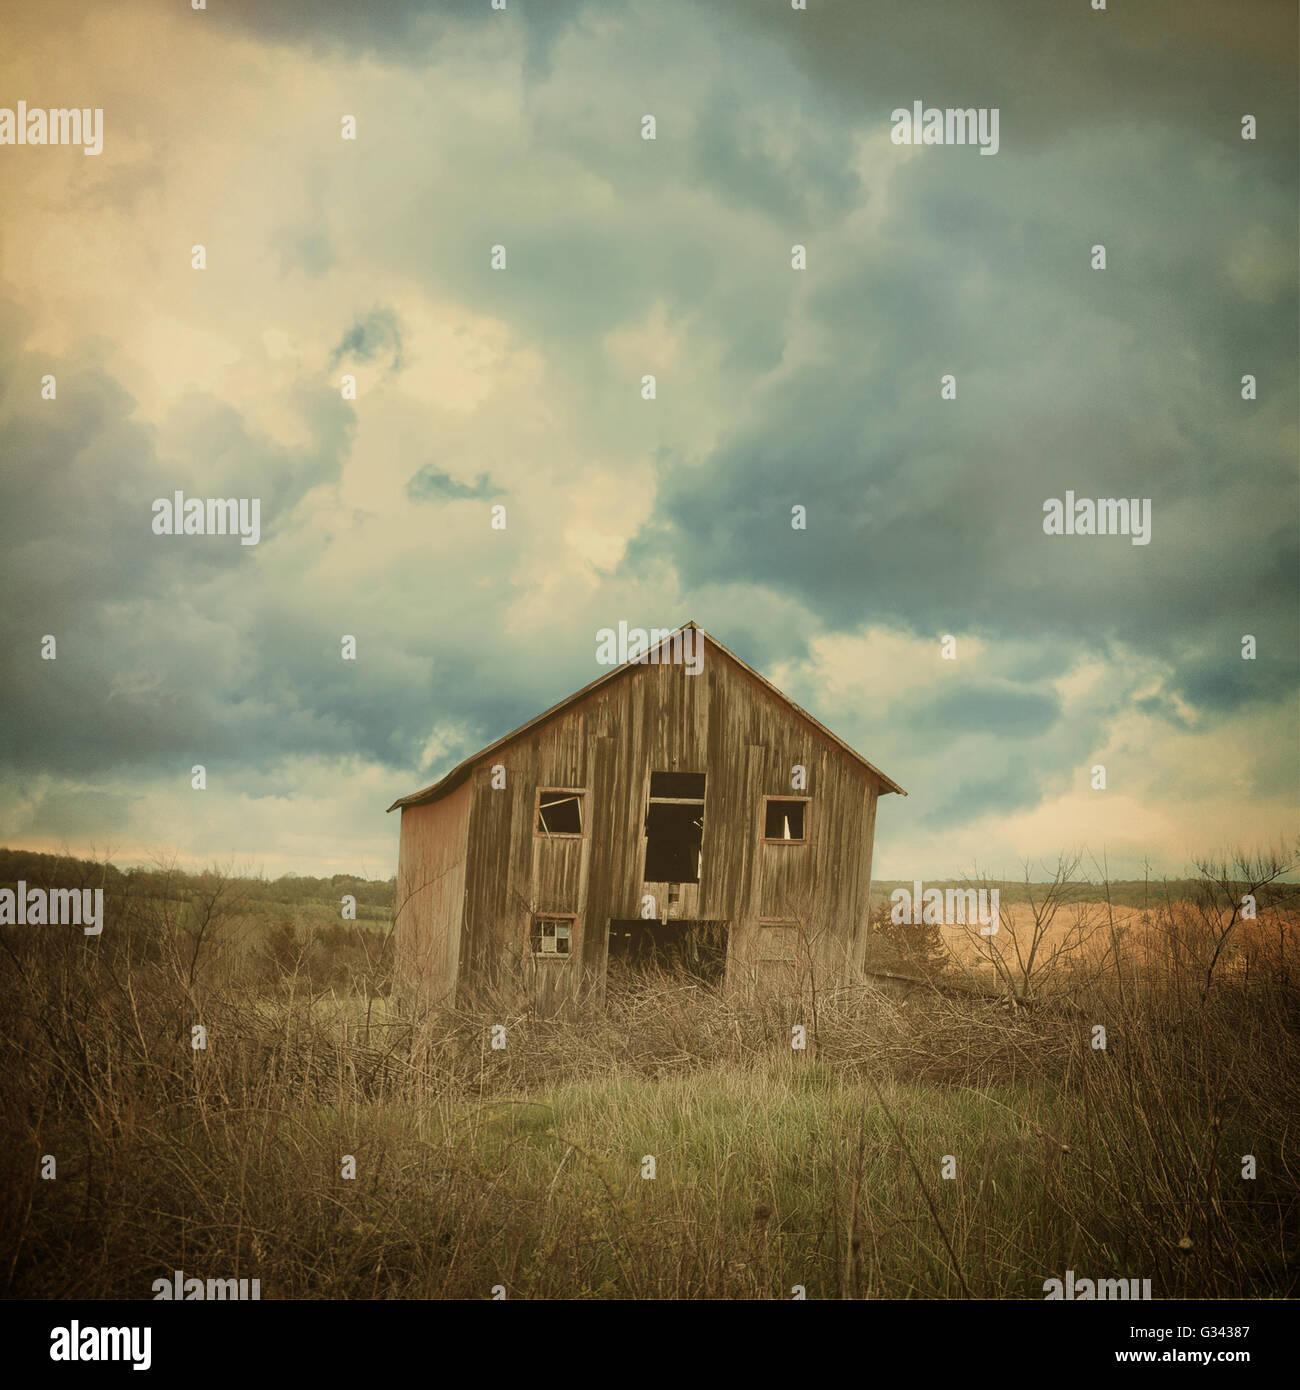 Une vieille ferme abandonnée house se trouve dans le pays avec les nuages effrayant dans un champ pour une Photo Stock